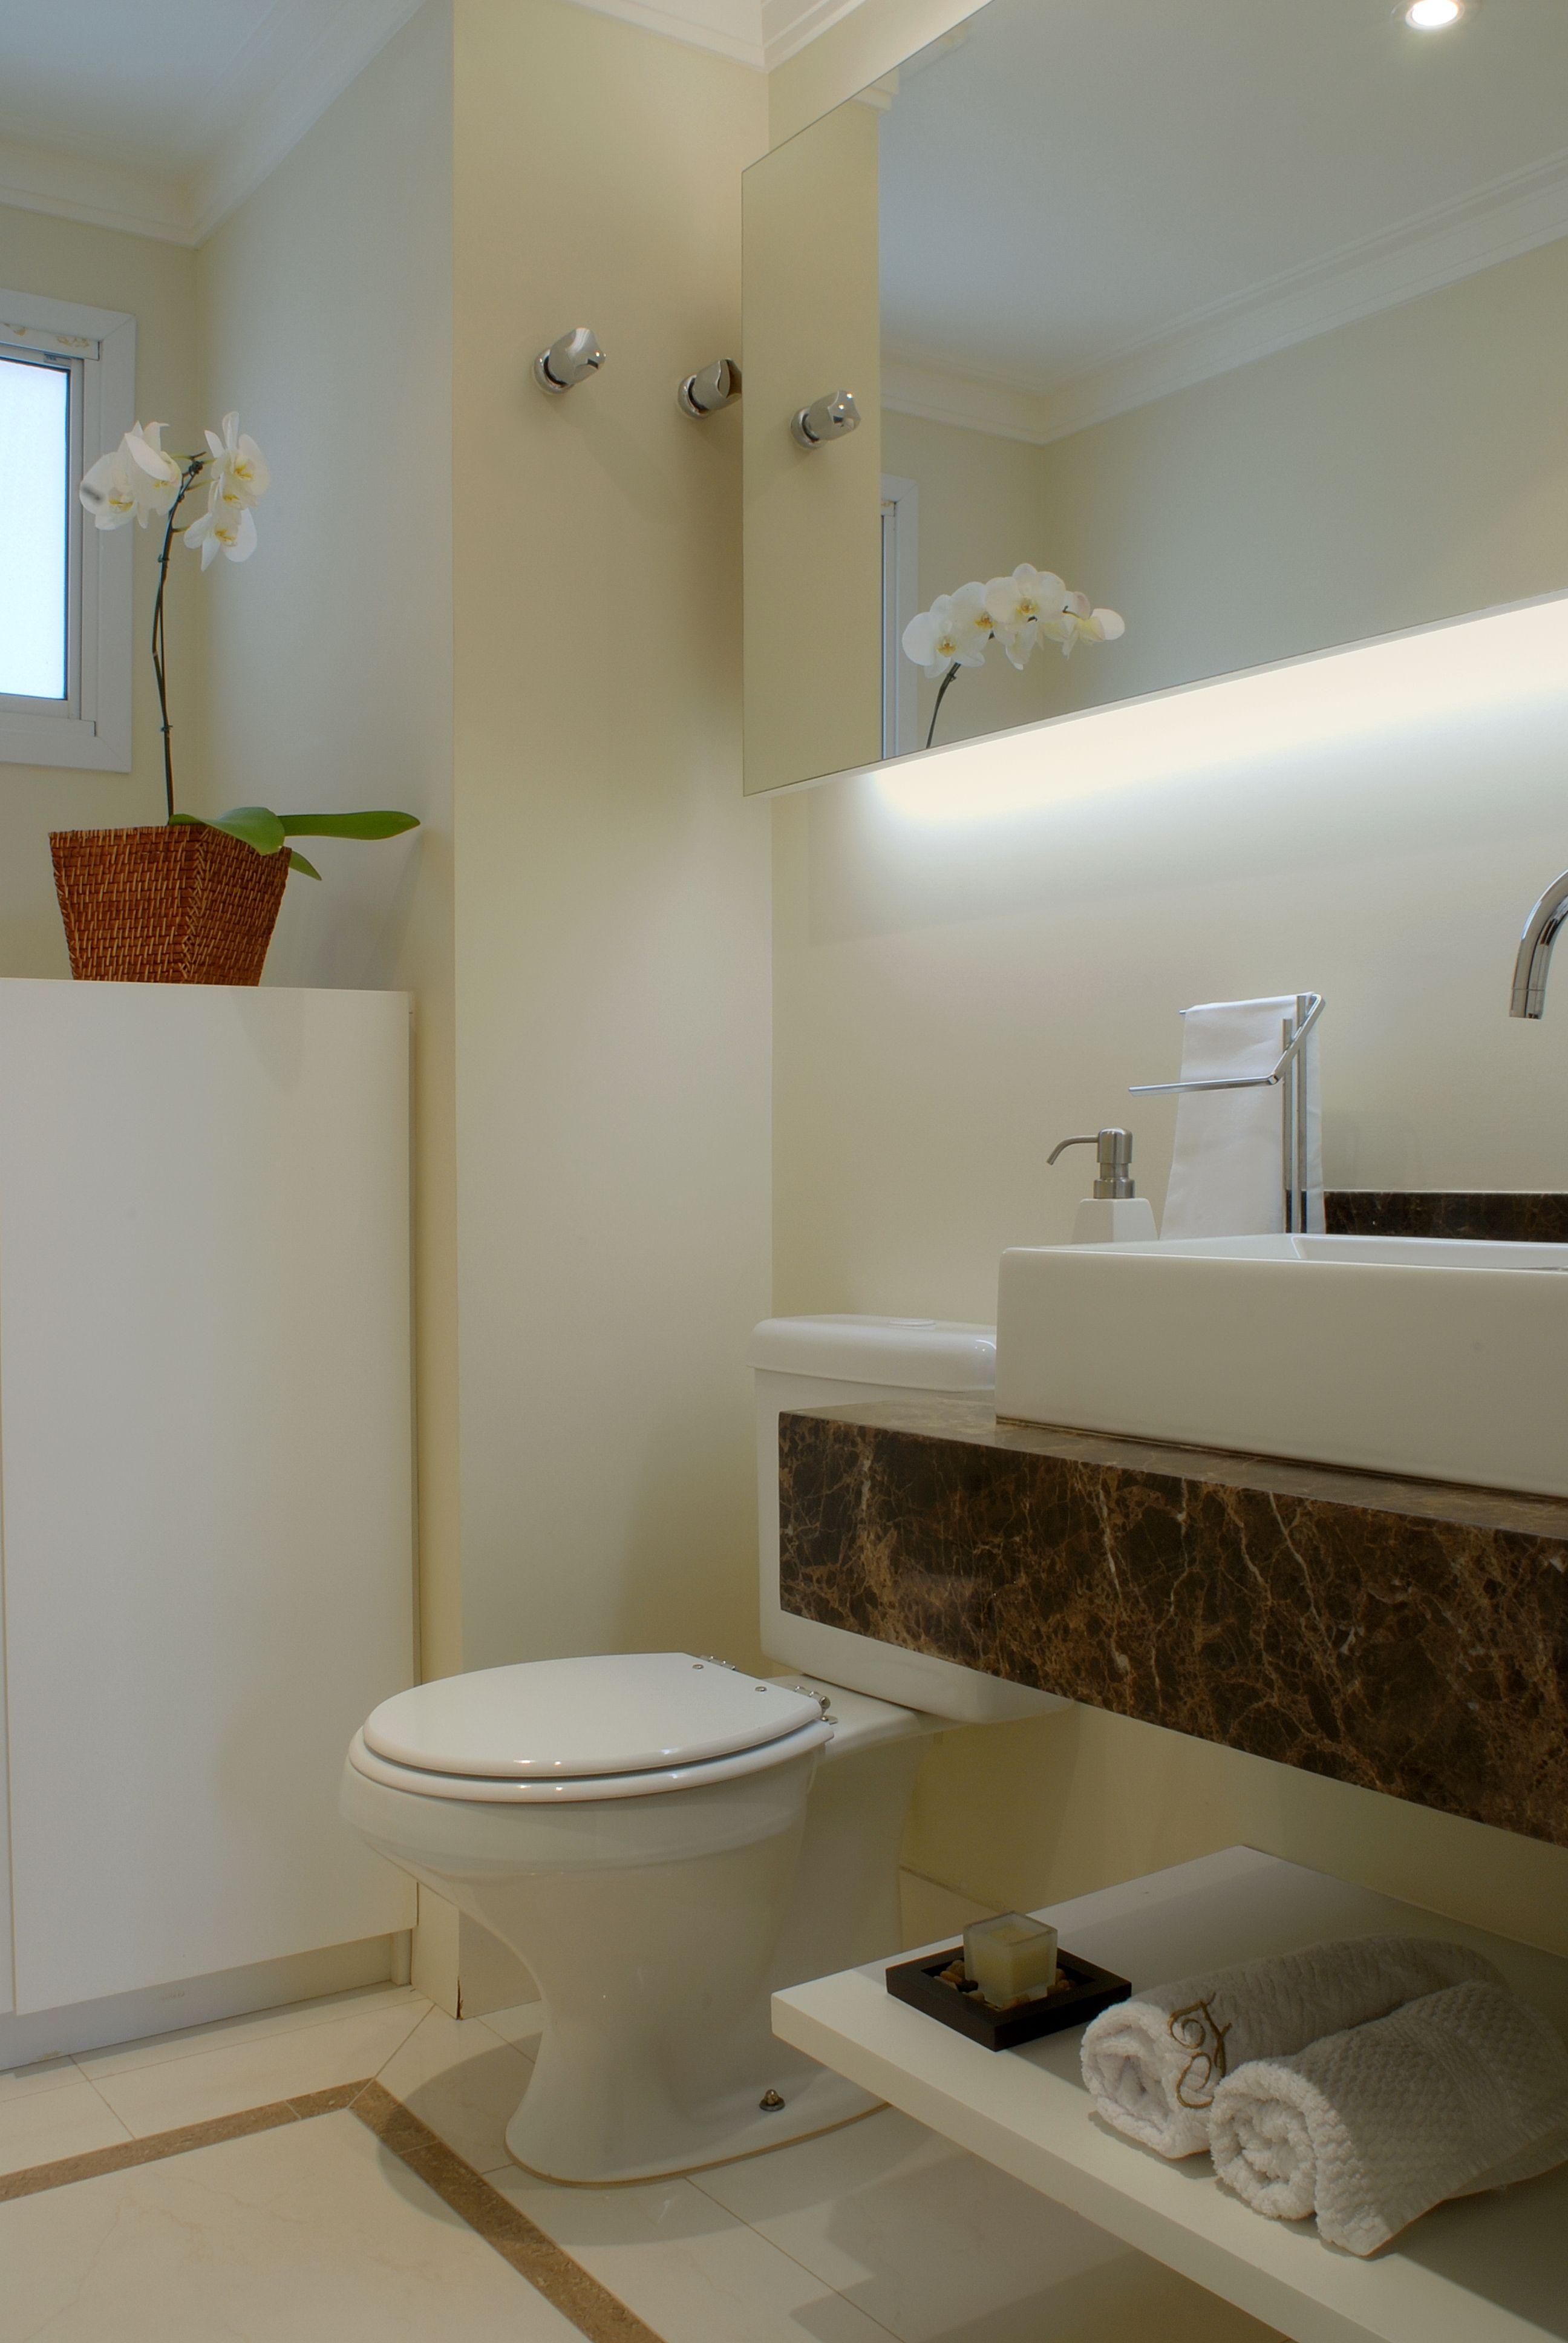 destaca bancada mármore marrom imperial Banheiros Pinterest #4C5D21 2592x3872 Banheiro Com Bancada